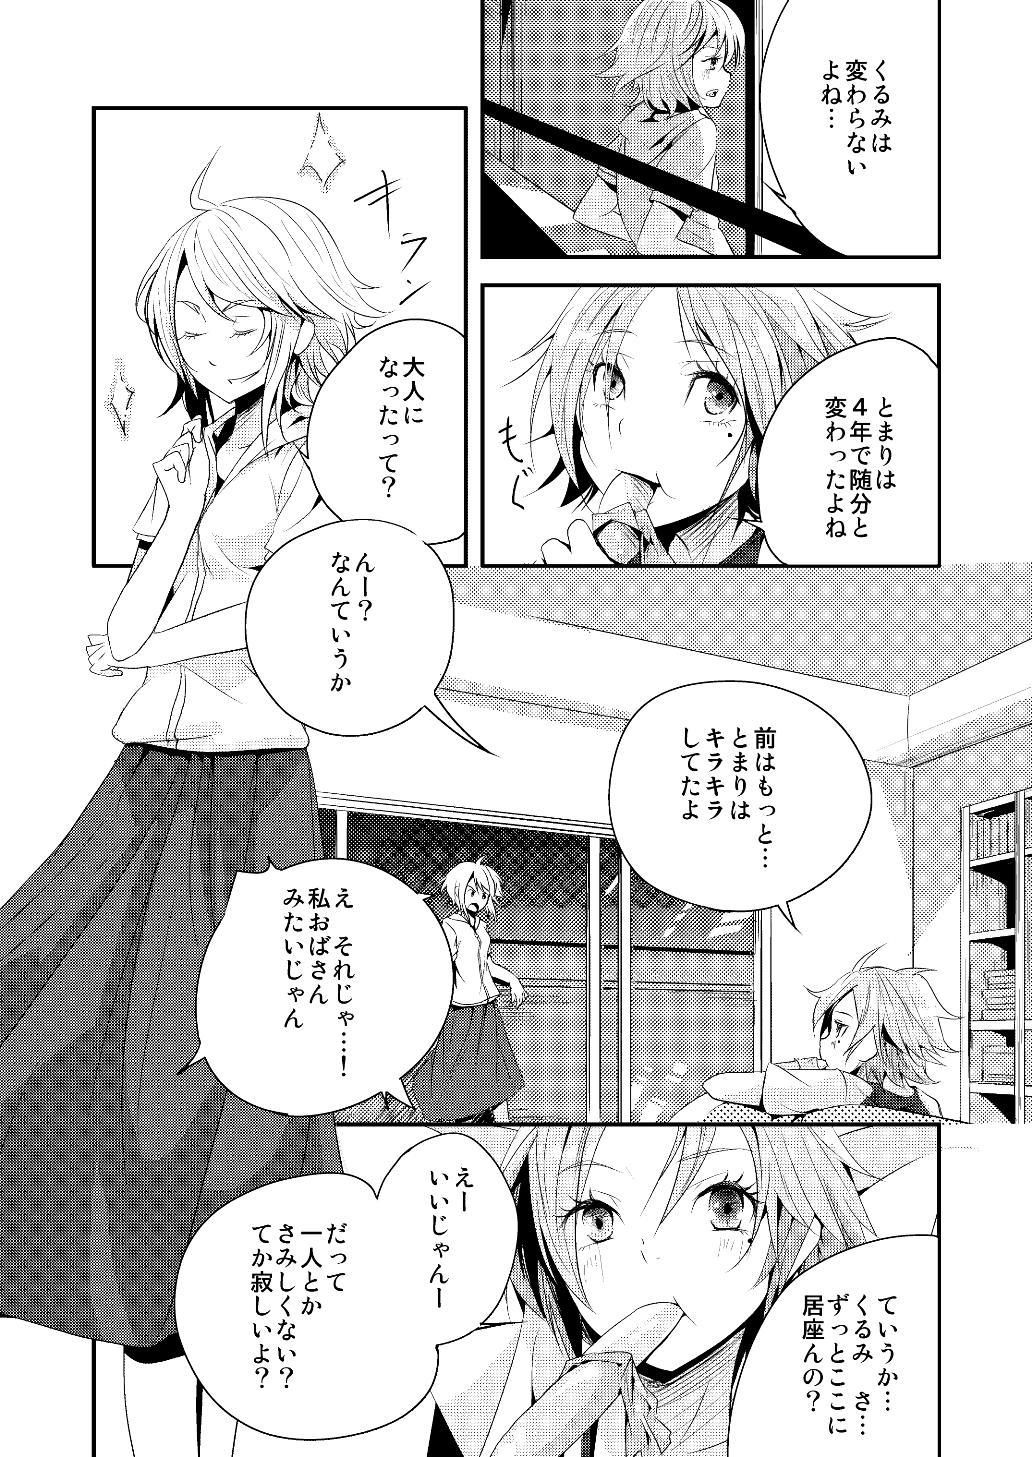 Yakusoku no Sora to Kimigaita Basho 1 ~ 2 51